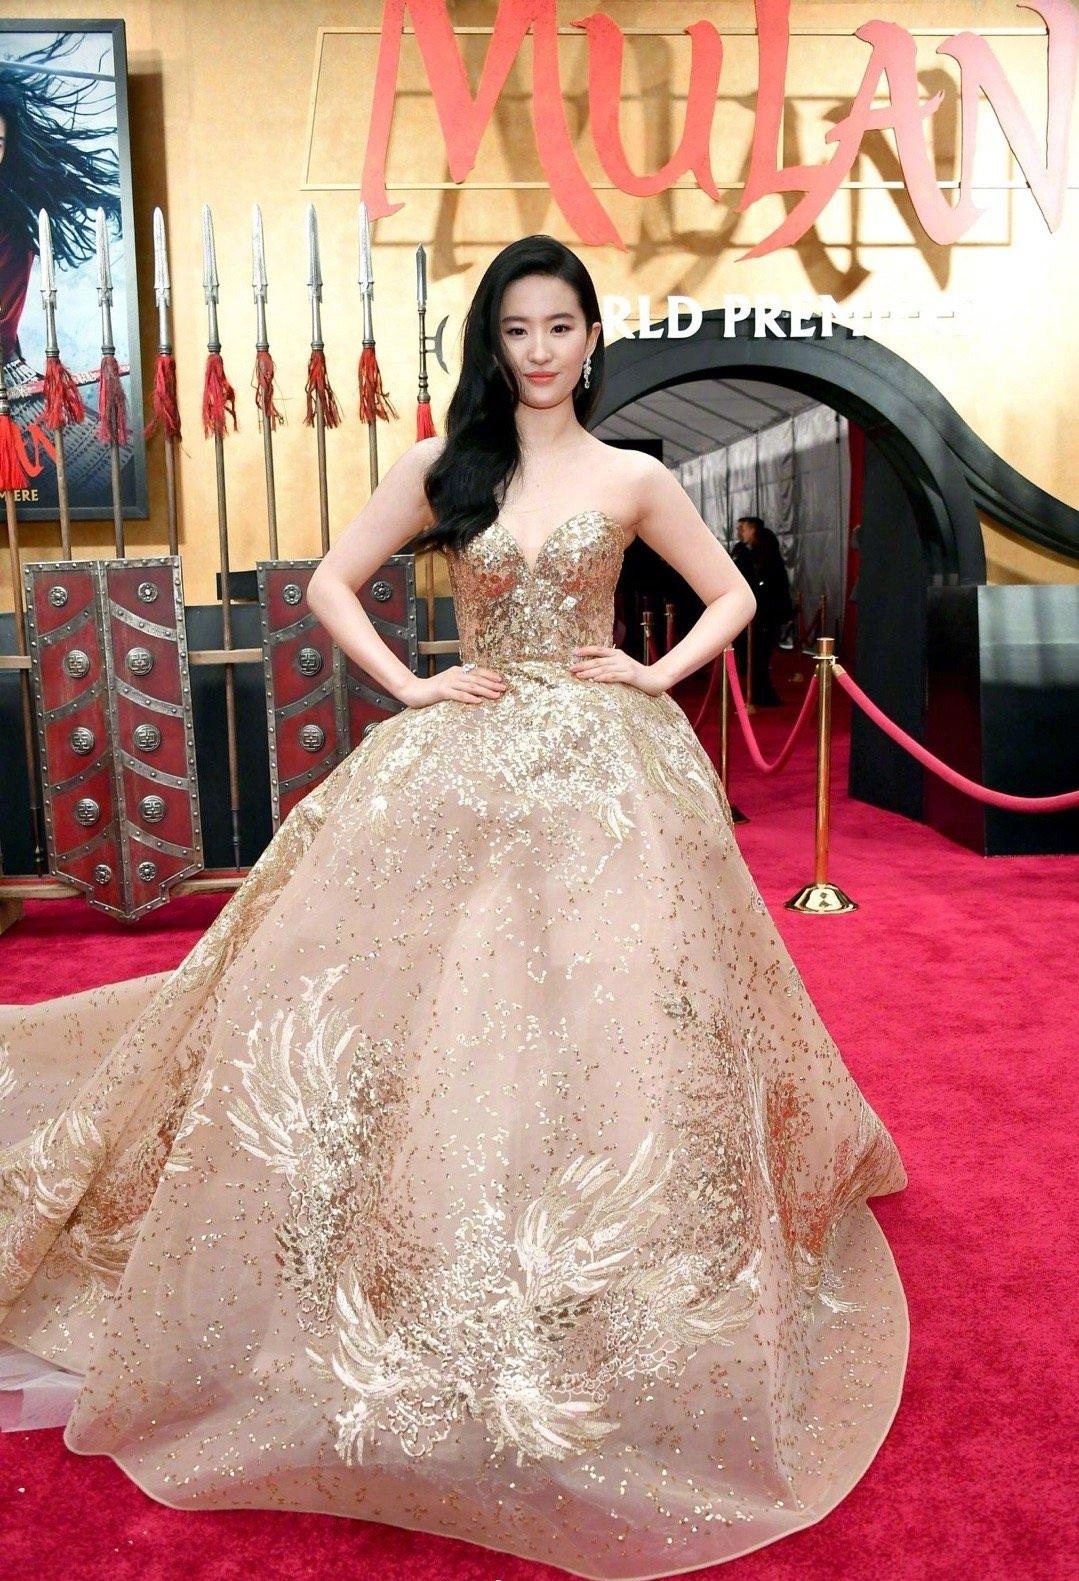 刘亦菲现身《花木兰》首映红毯 穿金礼服美艳动人